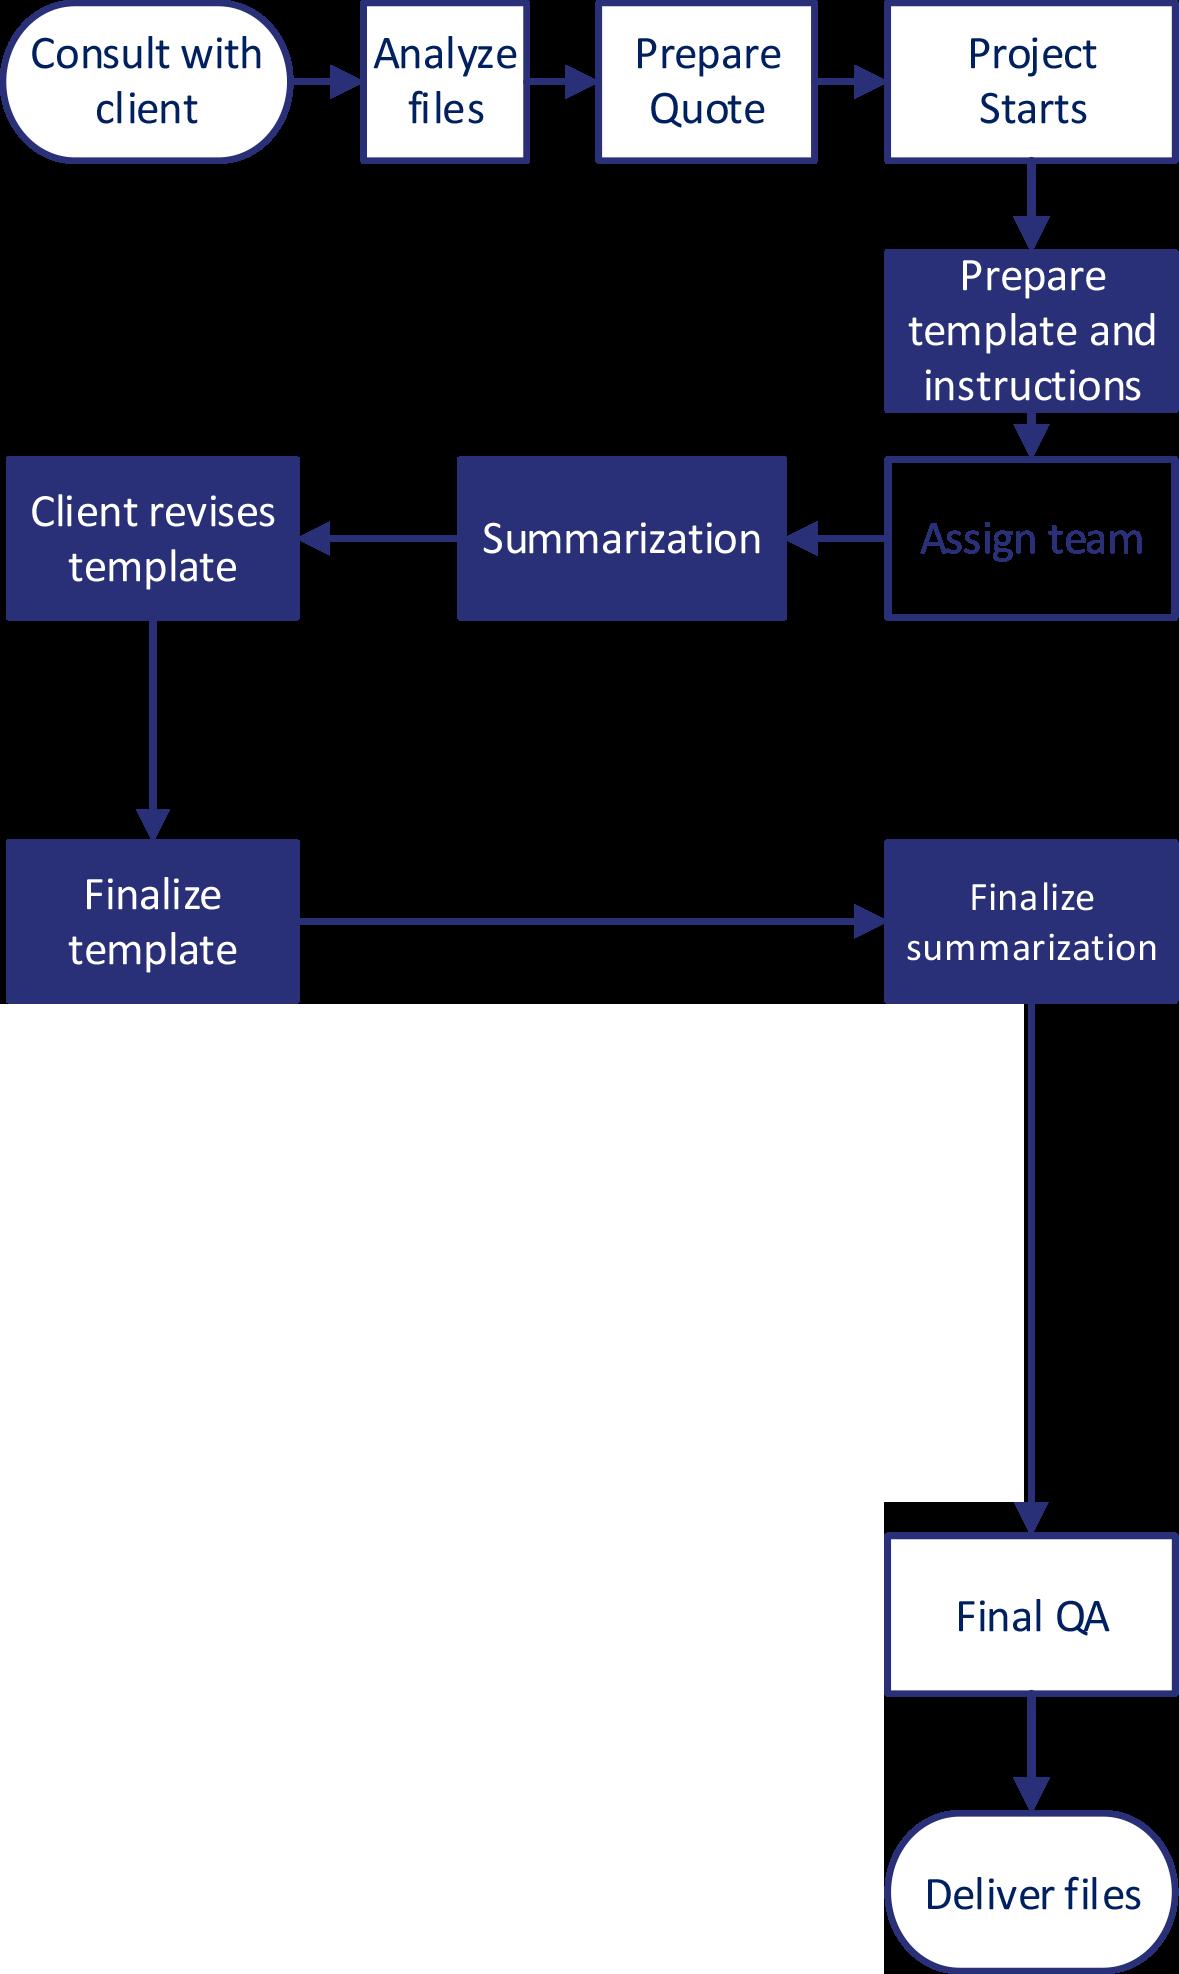 summarization-workflow